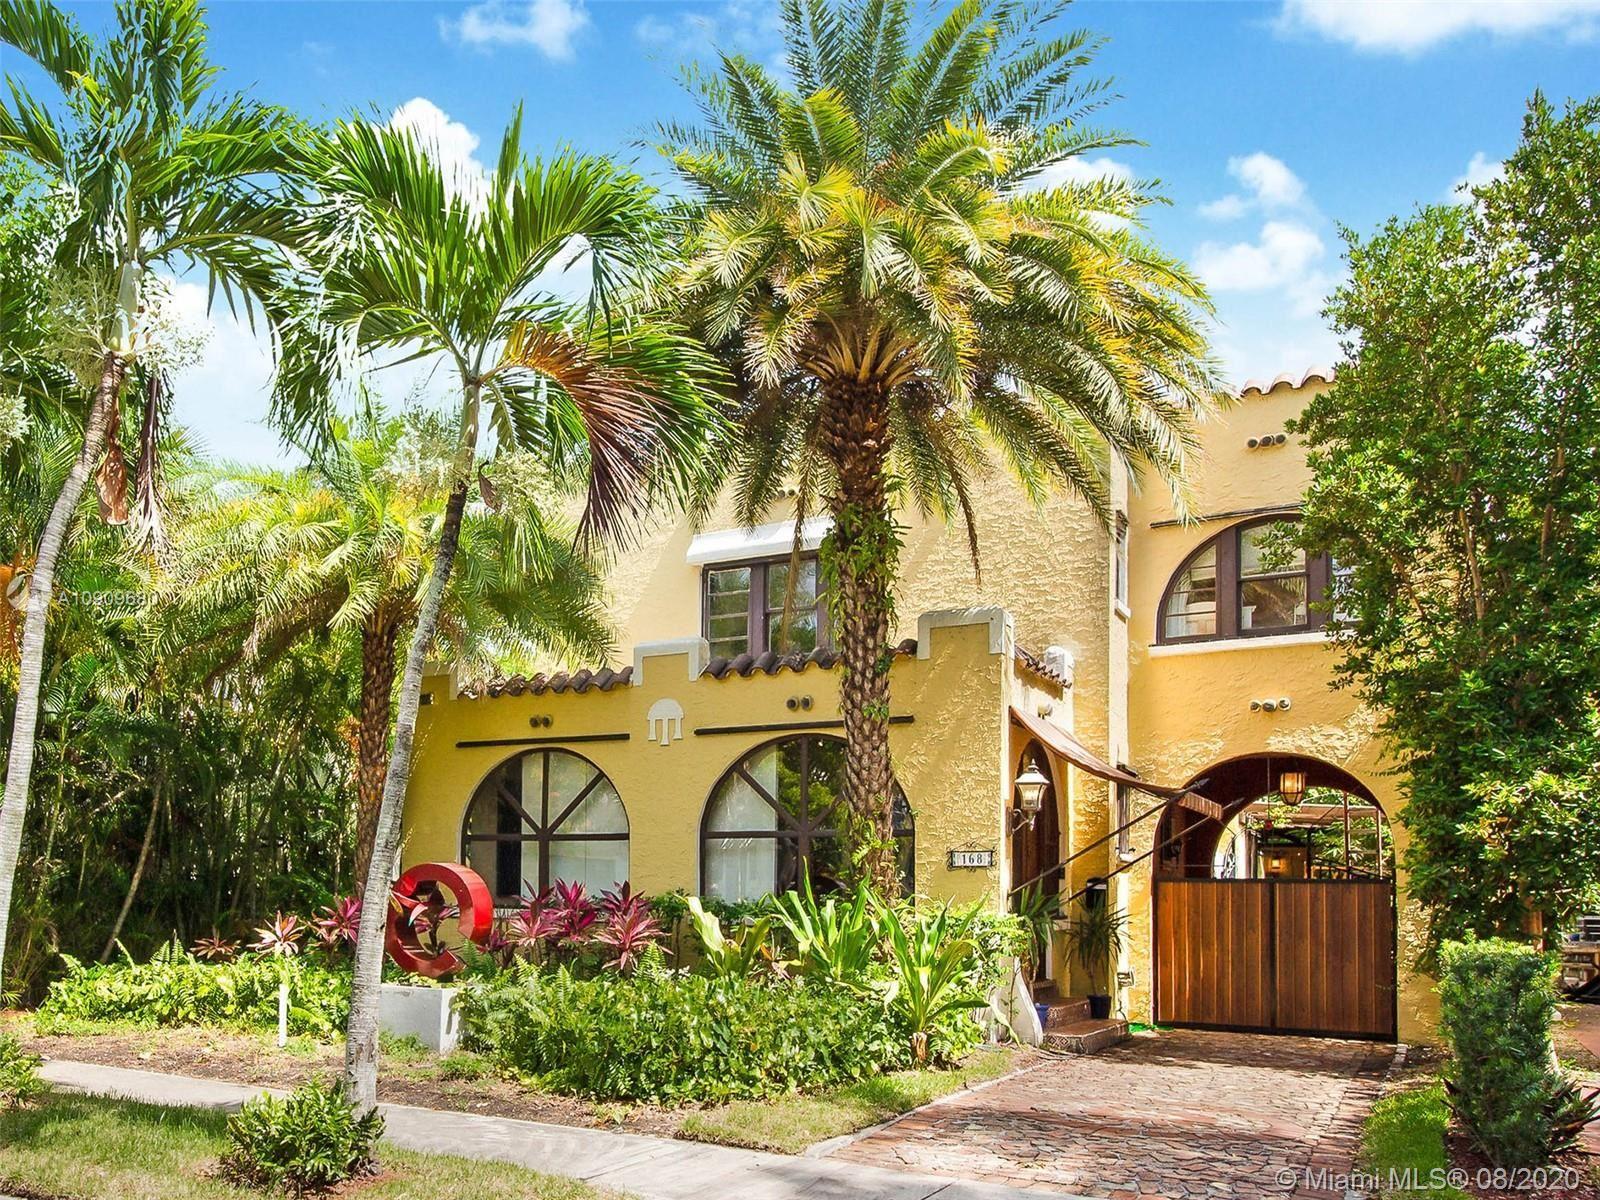 168 NE 44th St, Miami, FL 33137 - #: A10909680